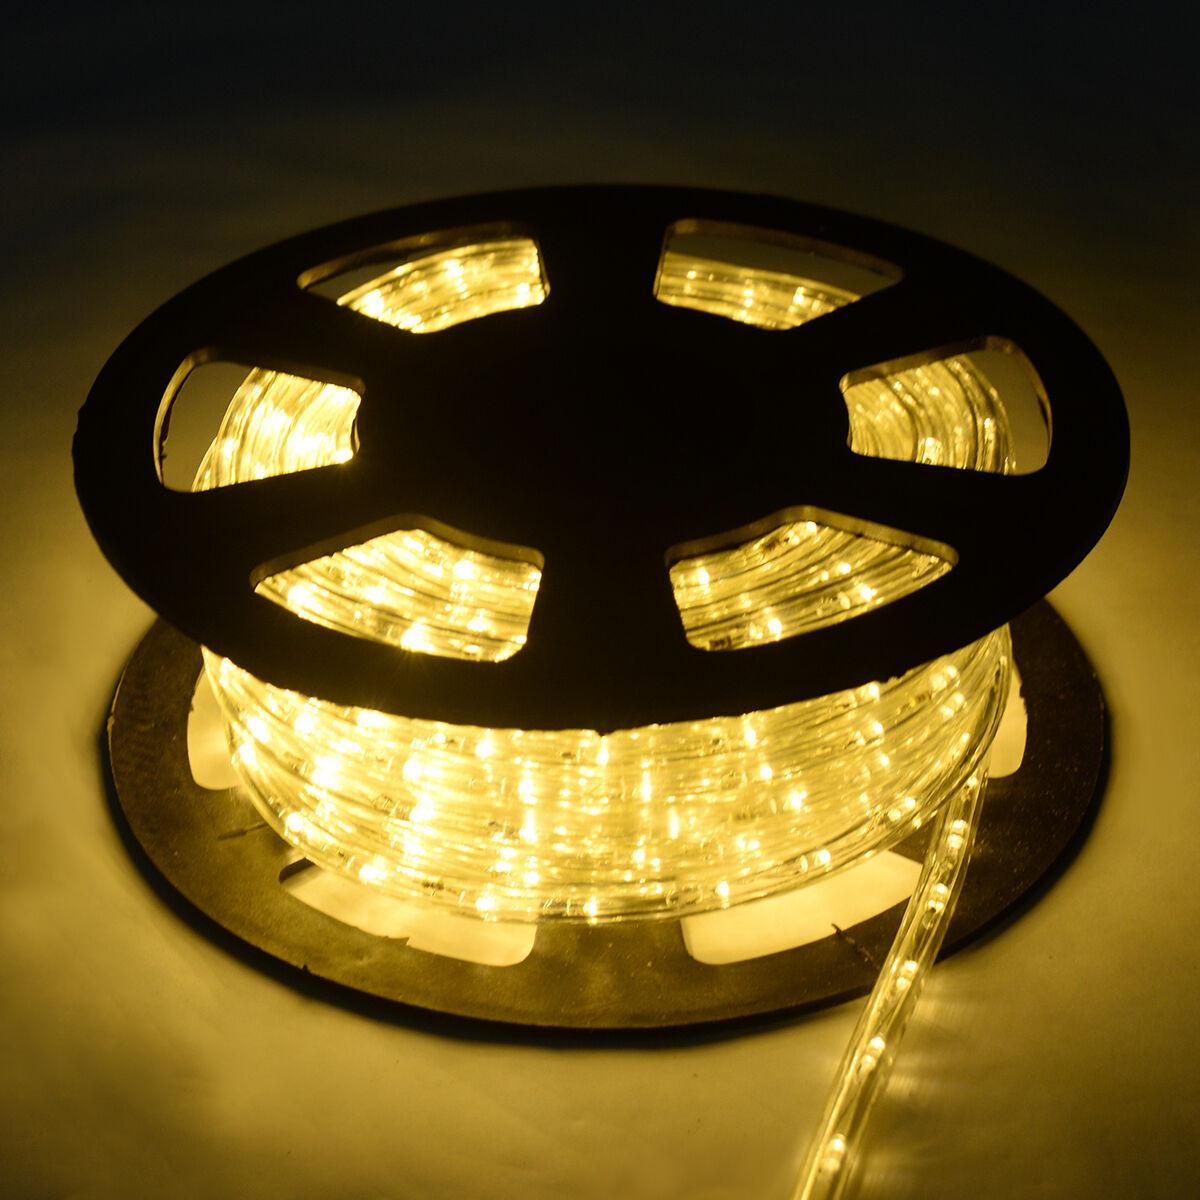 LED Lichterschlauch Lichterkette Lichtschlauch Lichtleiste 10 20 30M Innen Außen  | Guter weltweiter Ruf